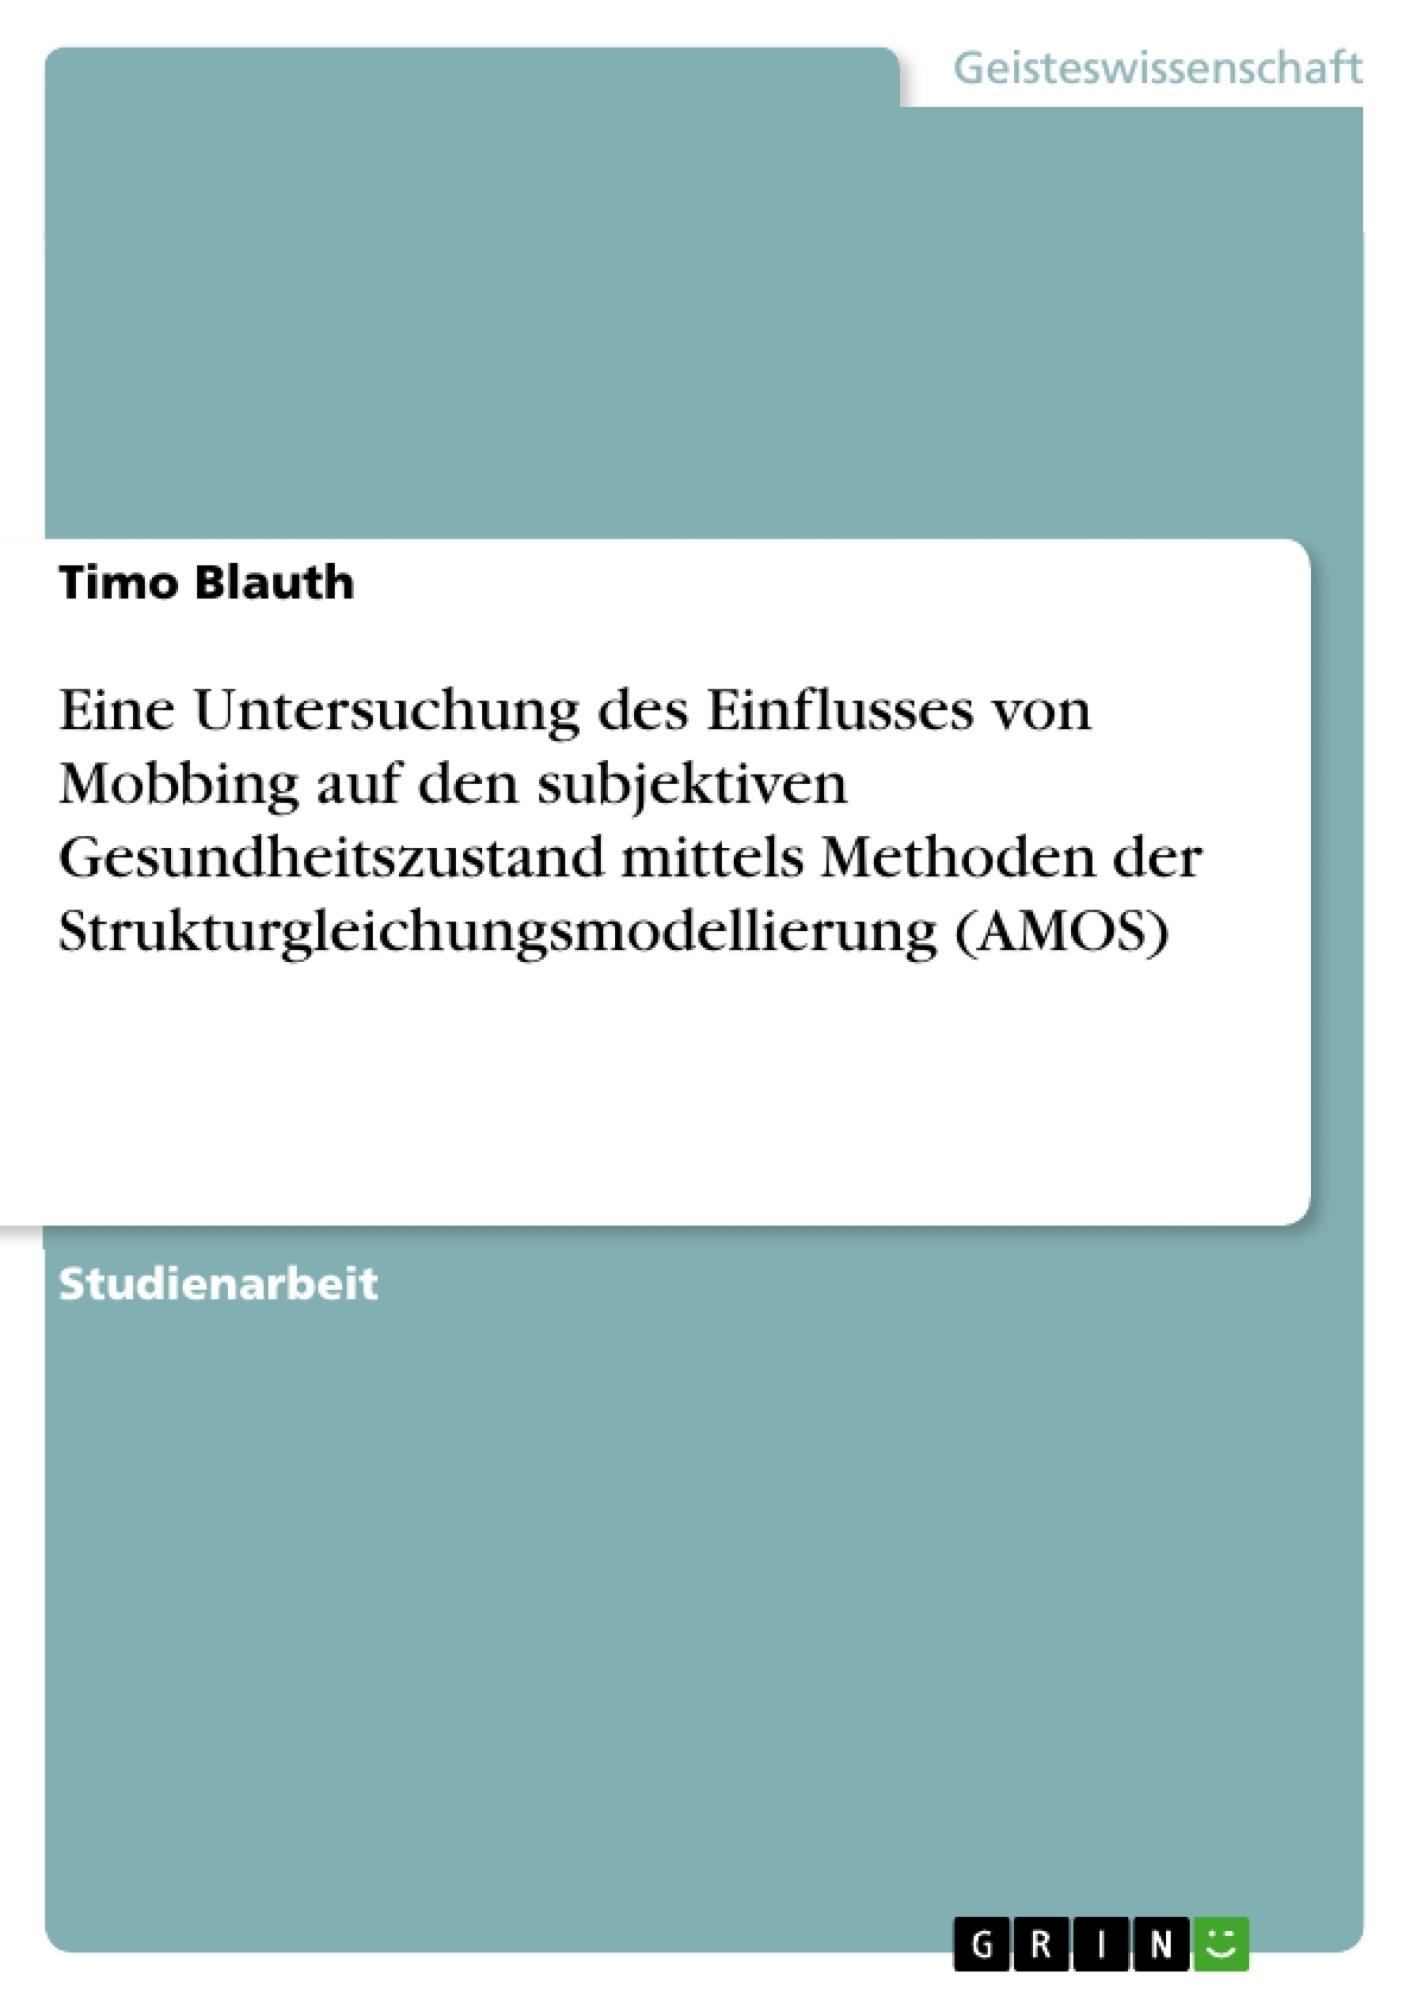 Titel: Eine Untersuchung des Einflusses von Mobbing auf den subjektiven Gesundheitszustand mittels Methoden der Strukturgleichungsmodellierung (AMOS)